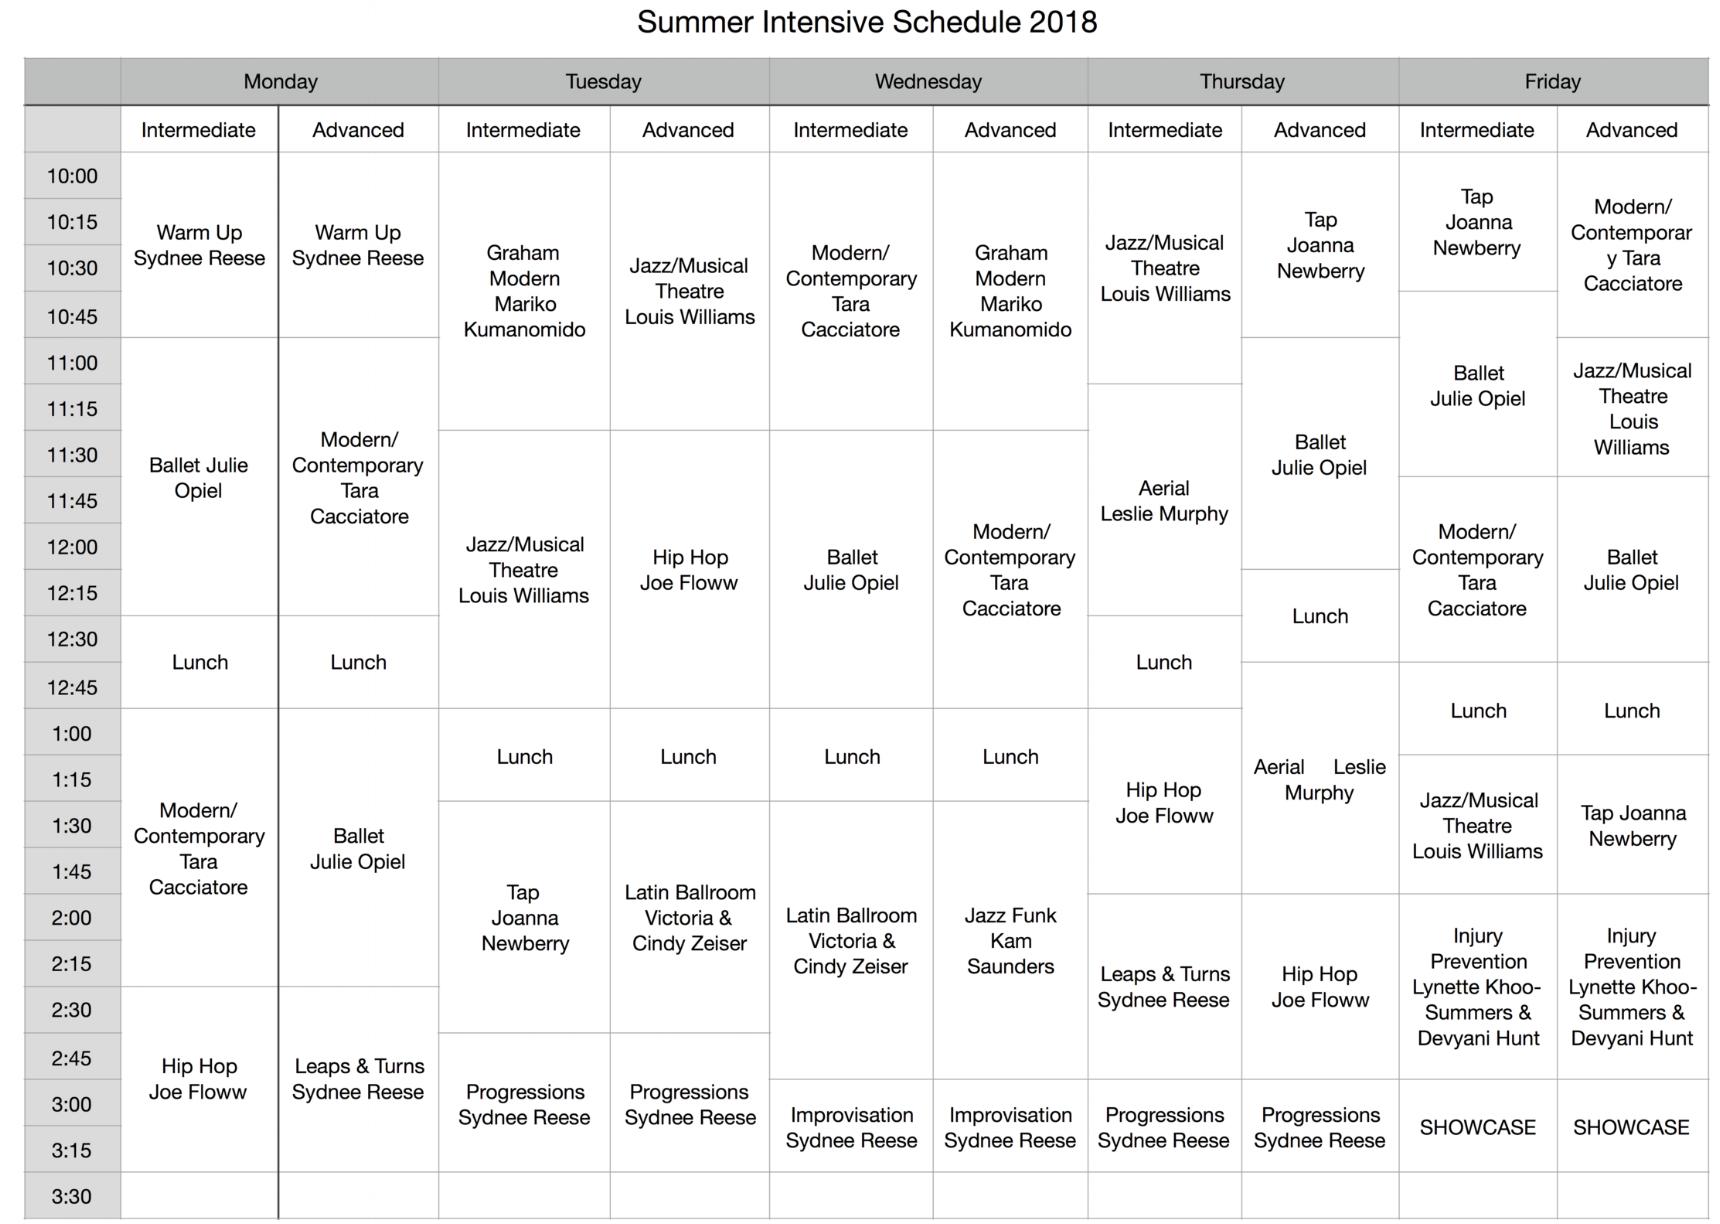 Summer Intensive Schedule.png